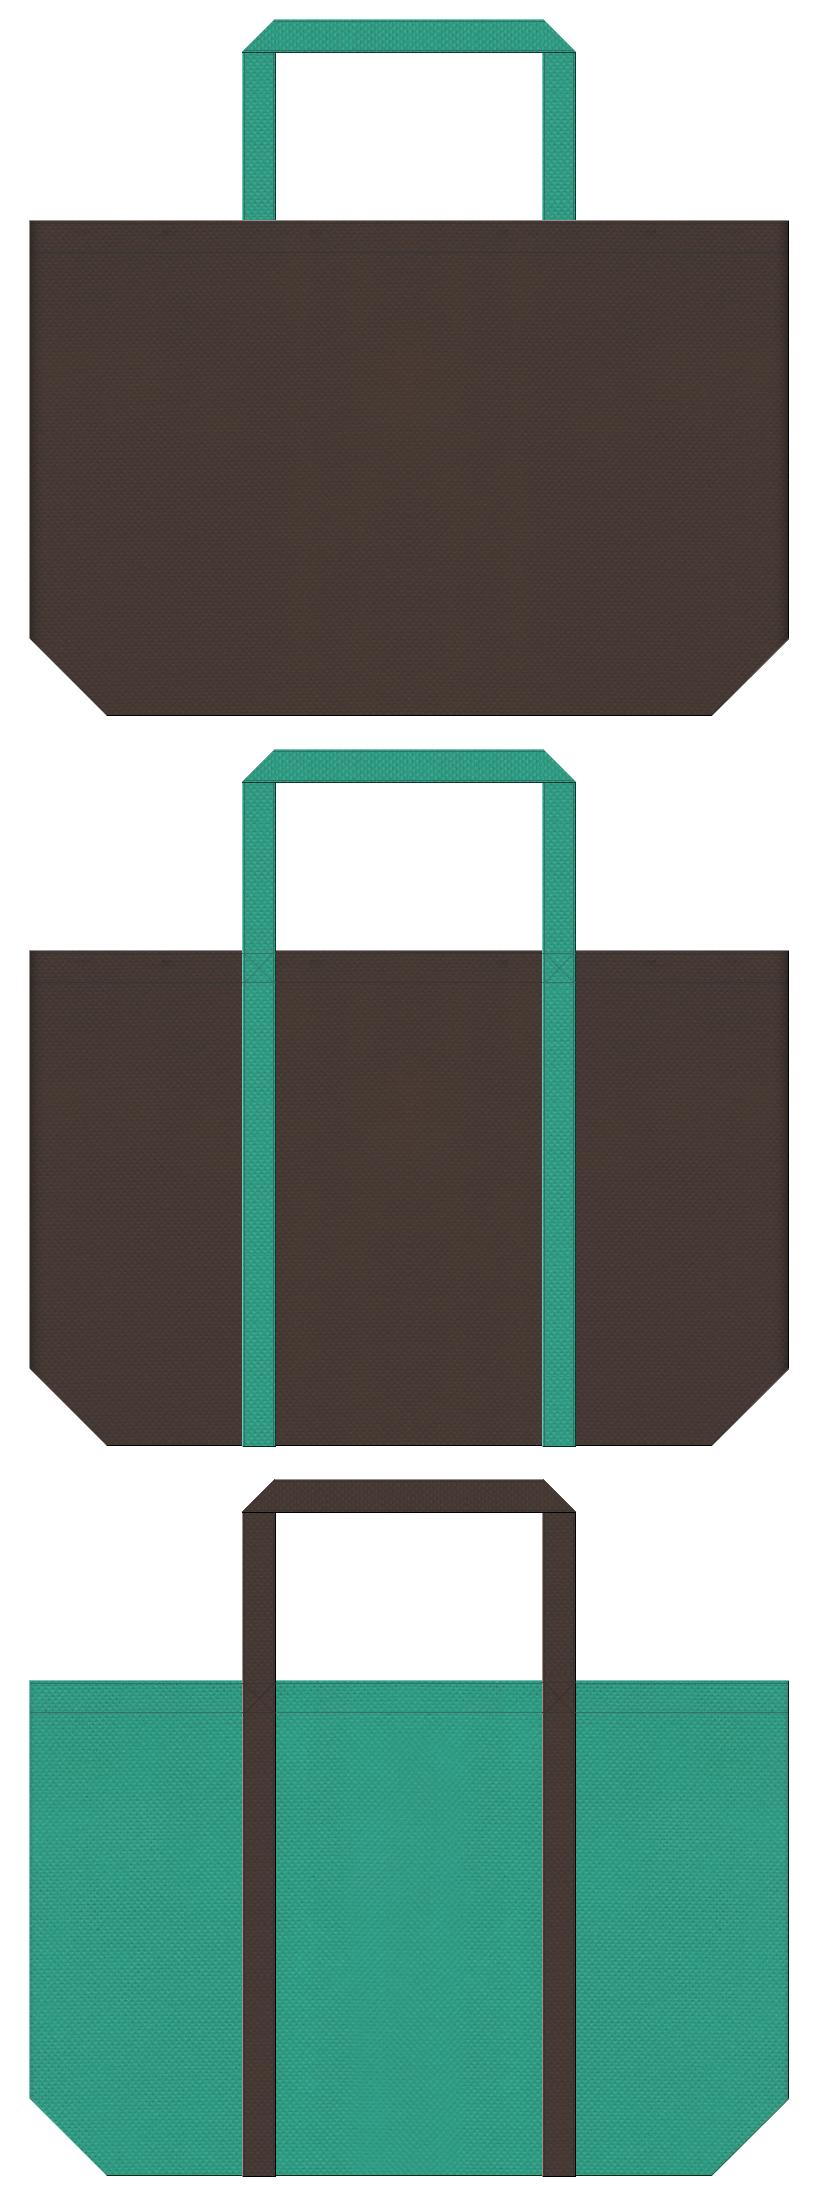 こげ茶色と青緑色の不織布バッグデザイン。屋上緑化・壁面緑化の展示会用バッグにお奨めです。ミントチョコレートのイメージにも。